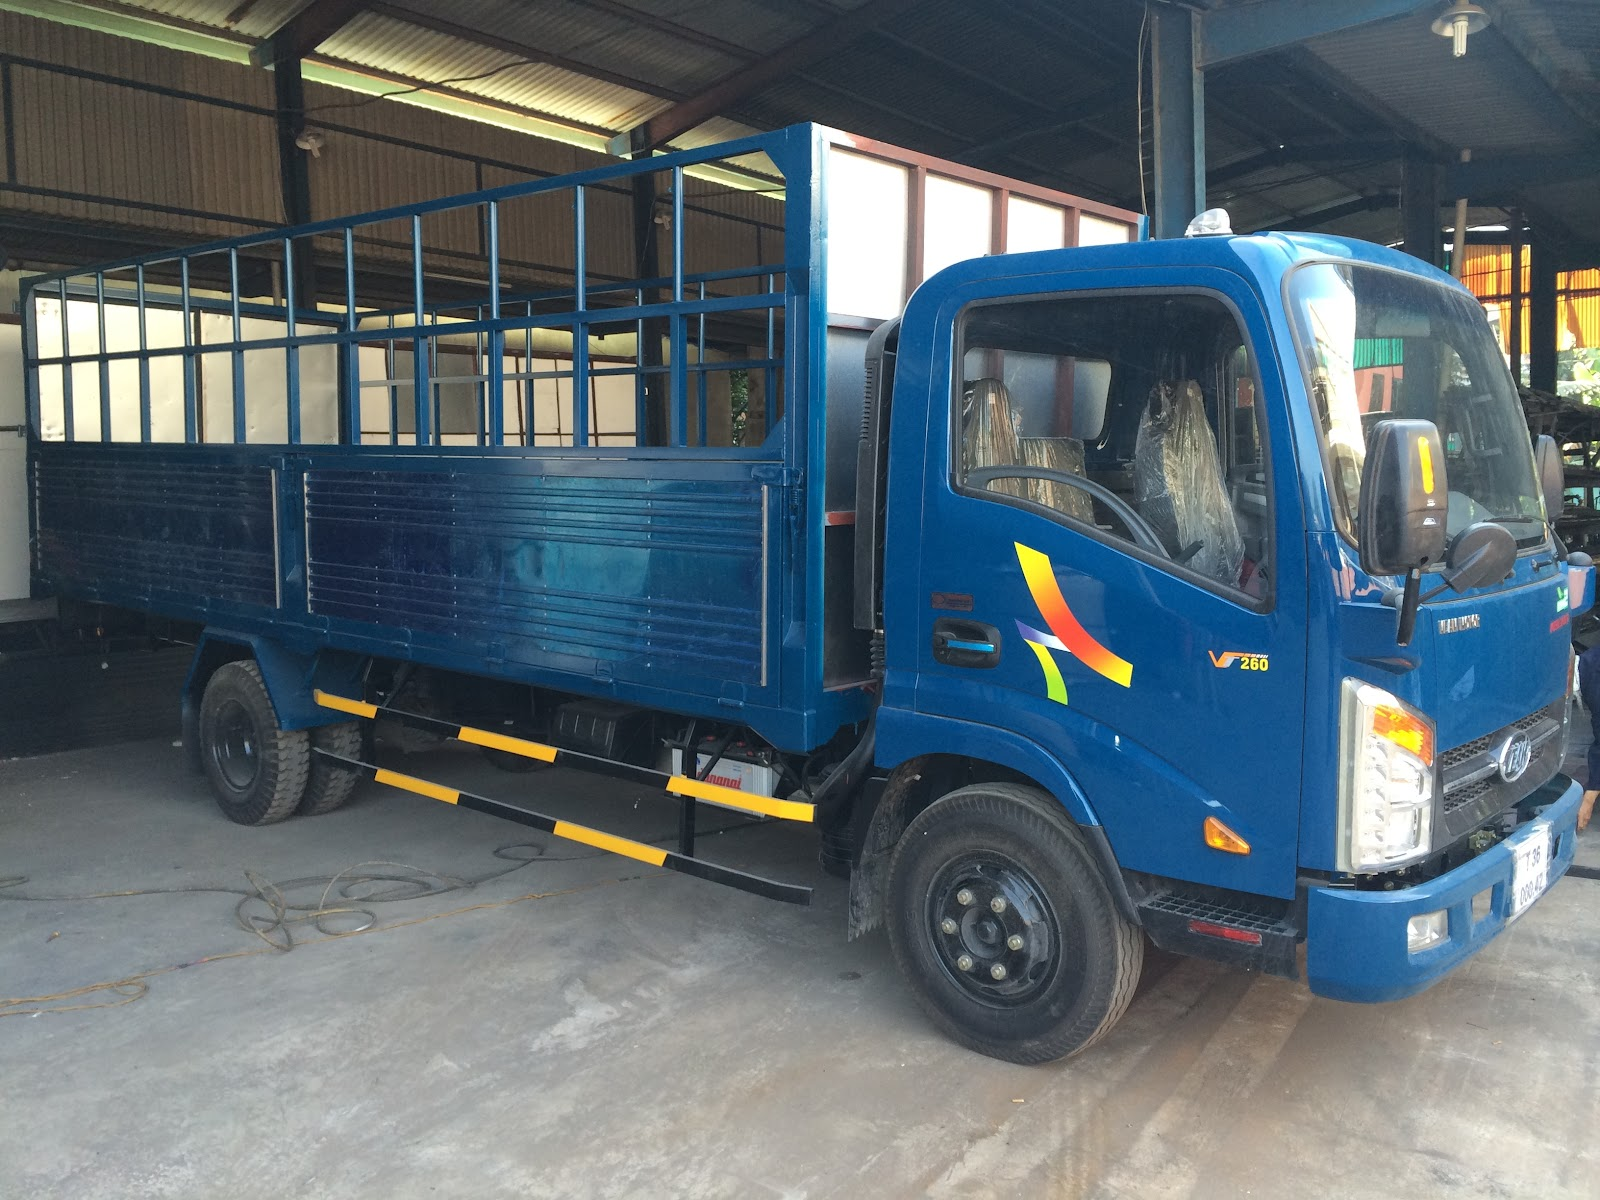 Xe-tải-Veam-VT260-1.9-tấn-thùng-mui-bạt-6.2-mét.jpg